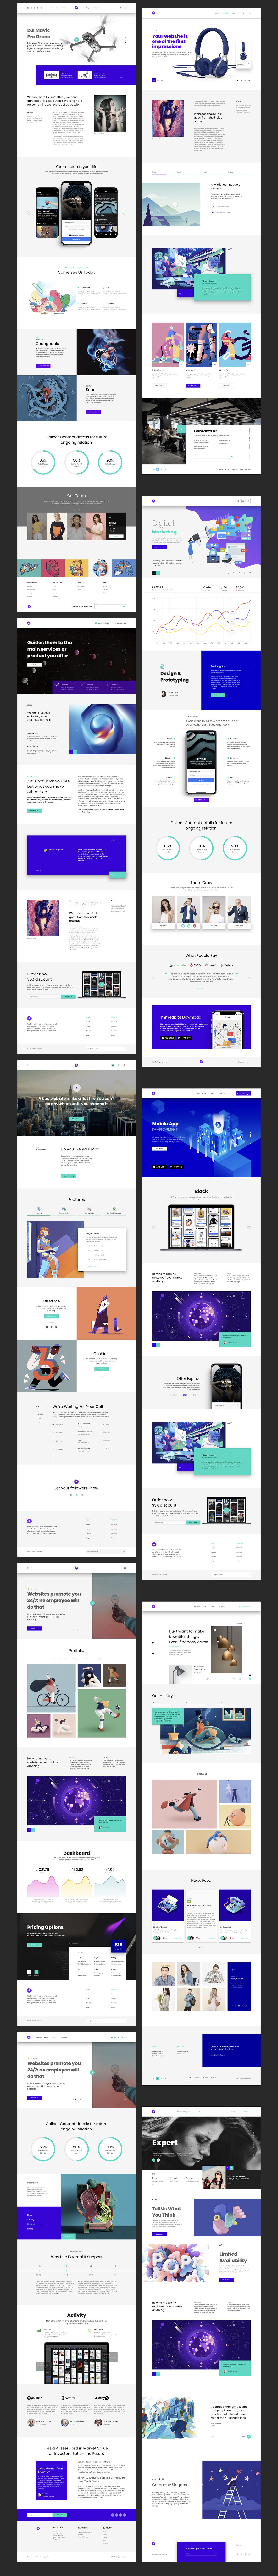 Ataman UI Kit - Templates For Website [Figma] - 11